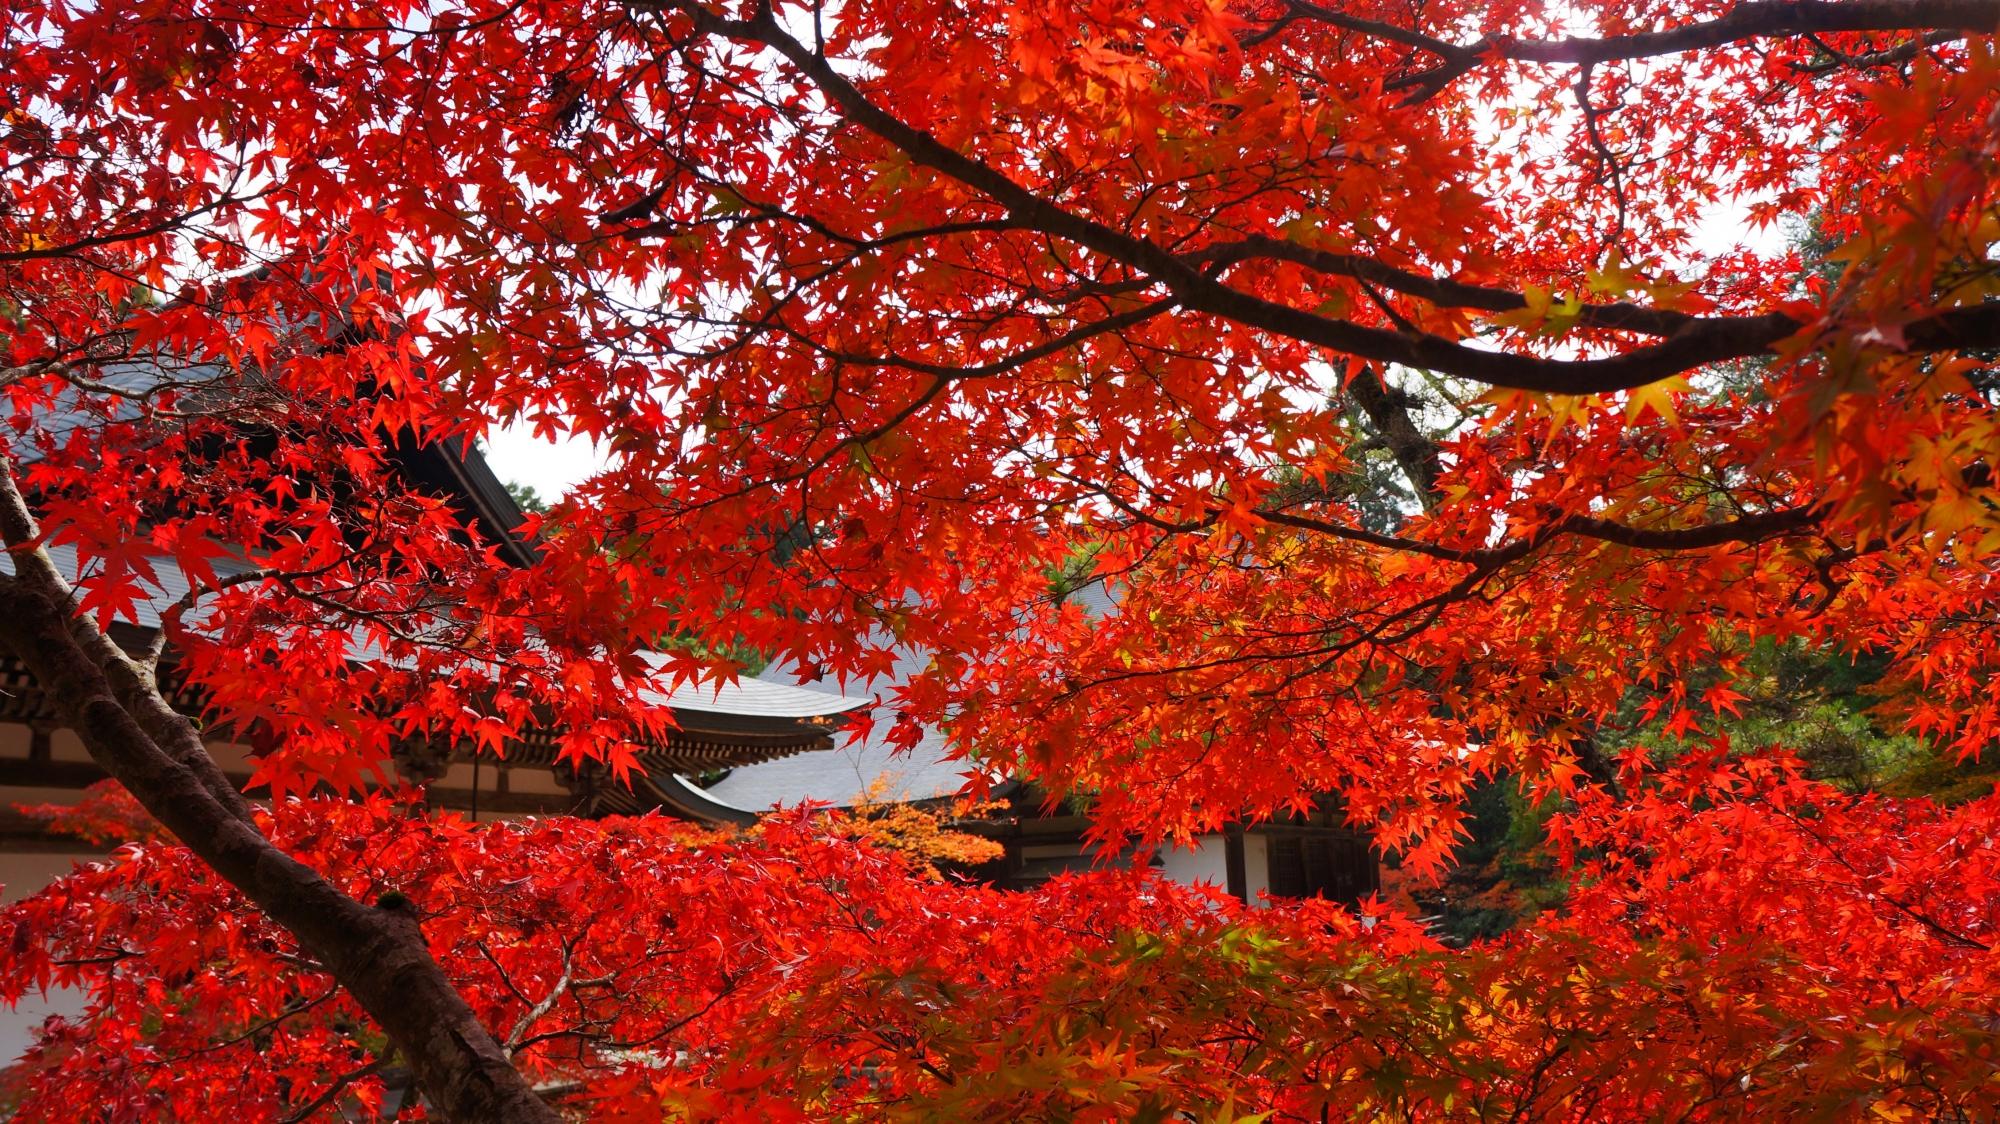 伽藍を真っ赤に染める圧倒的な秋色の紅葉